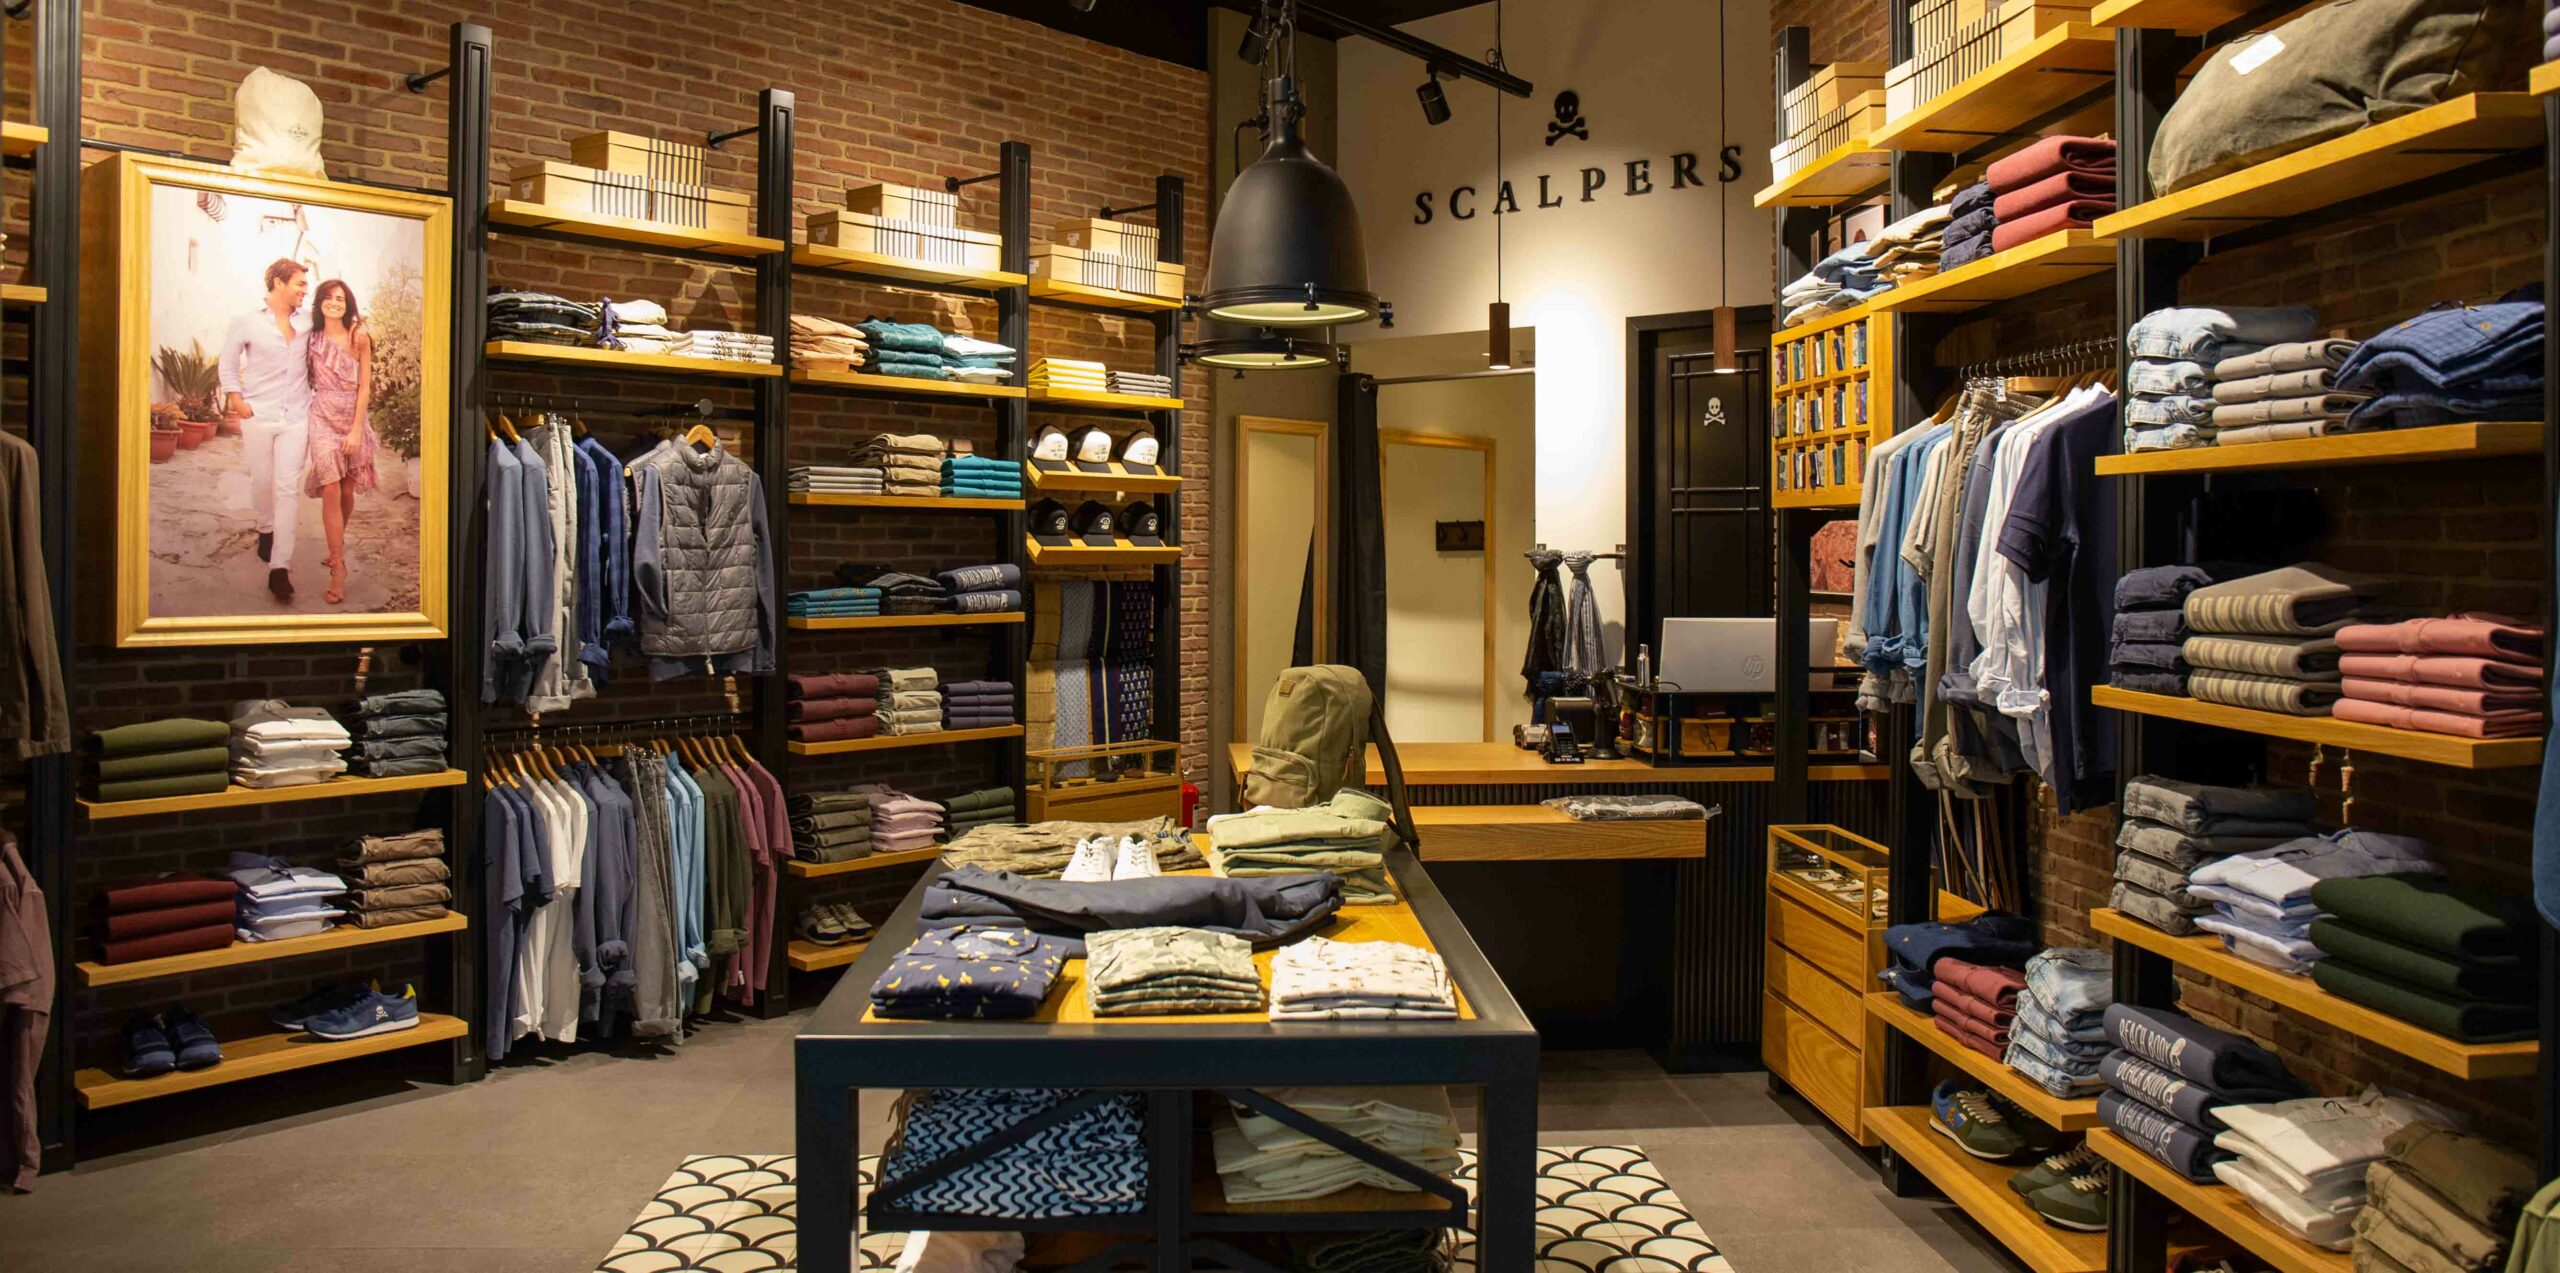 Scalpers store inside